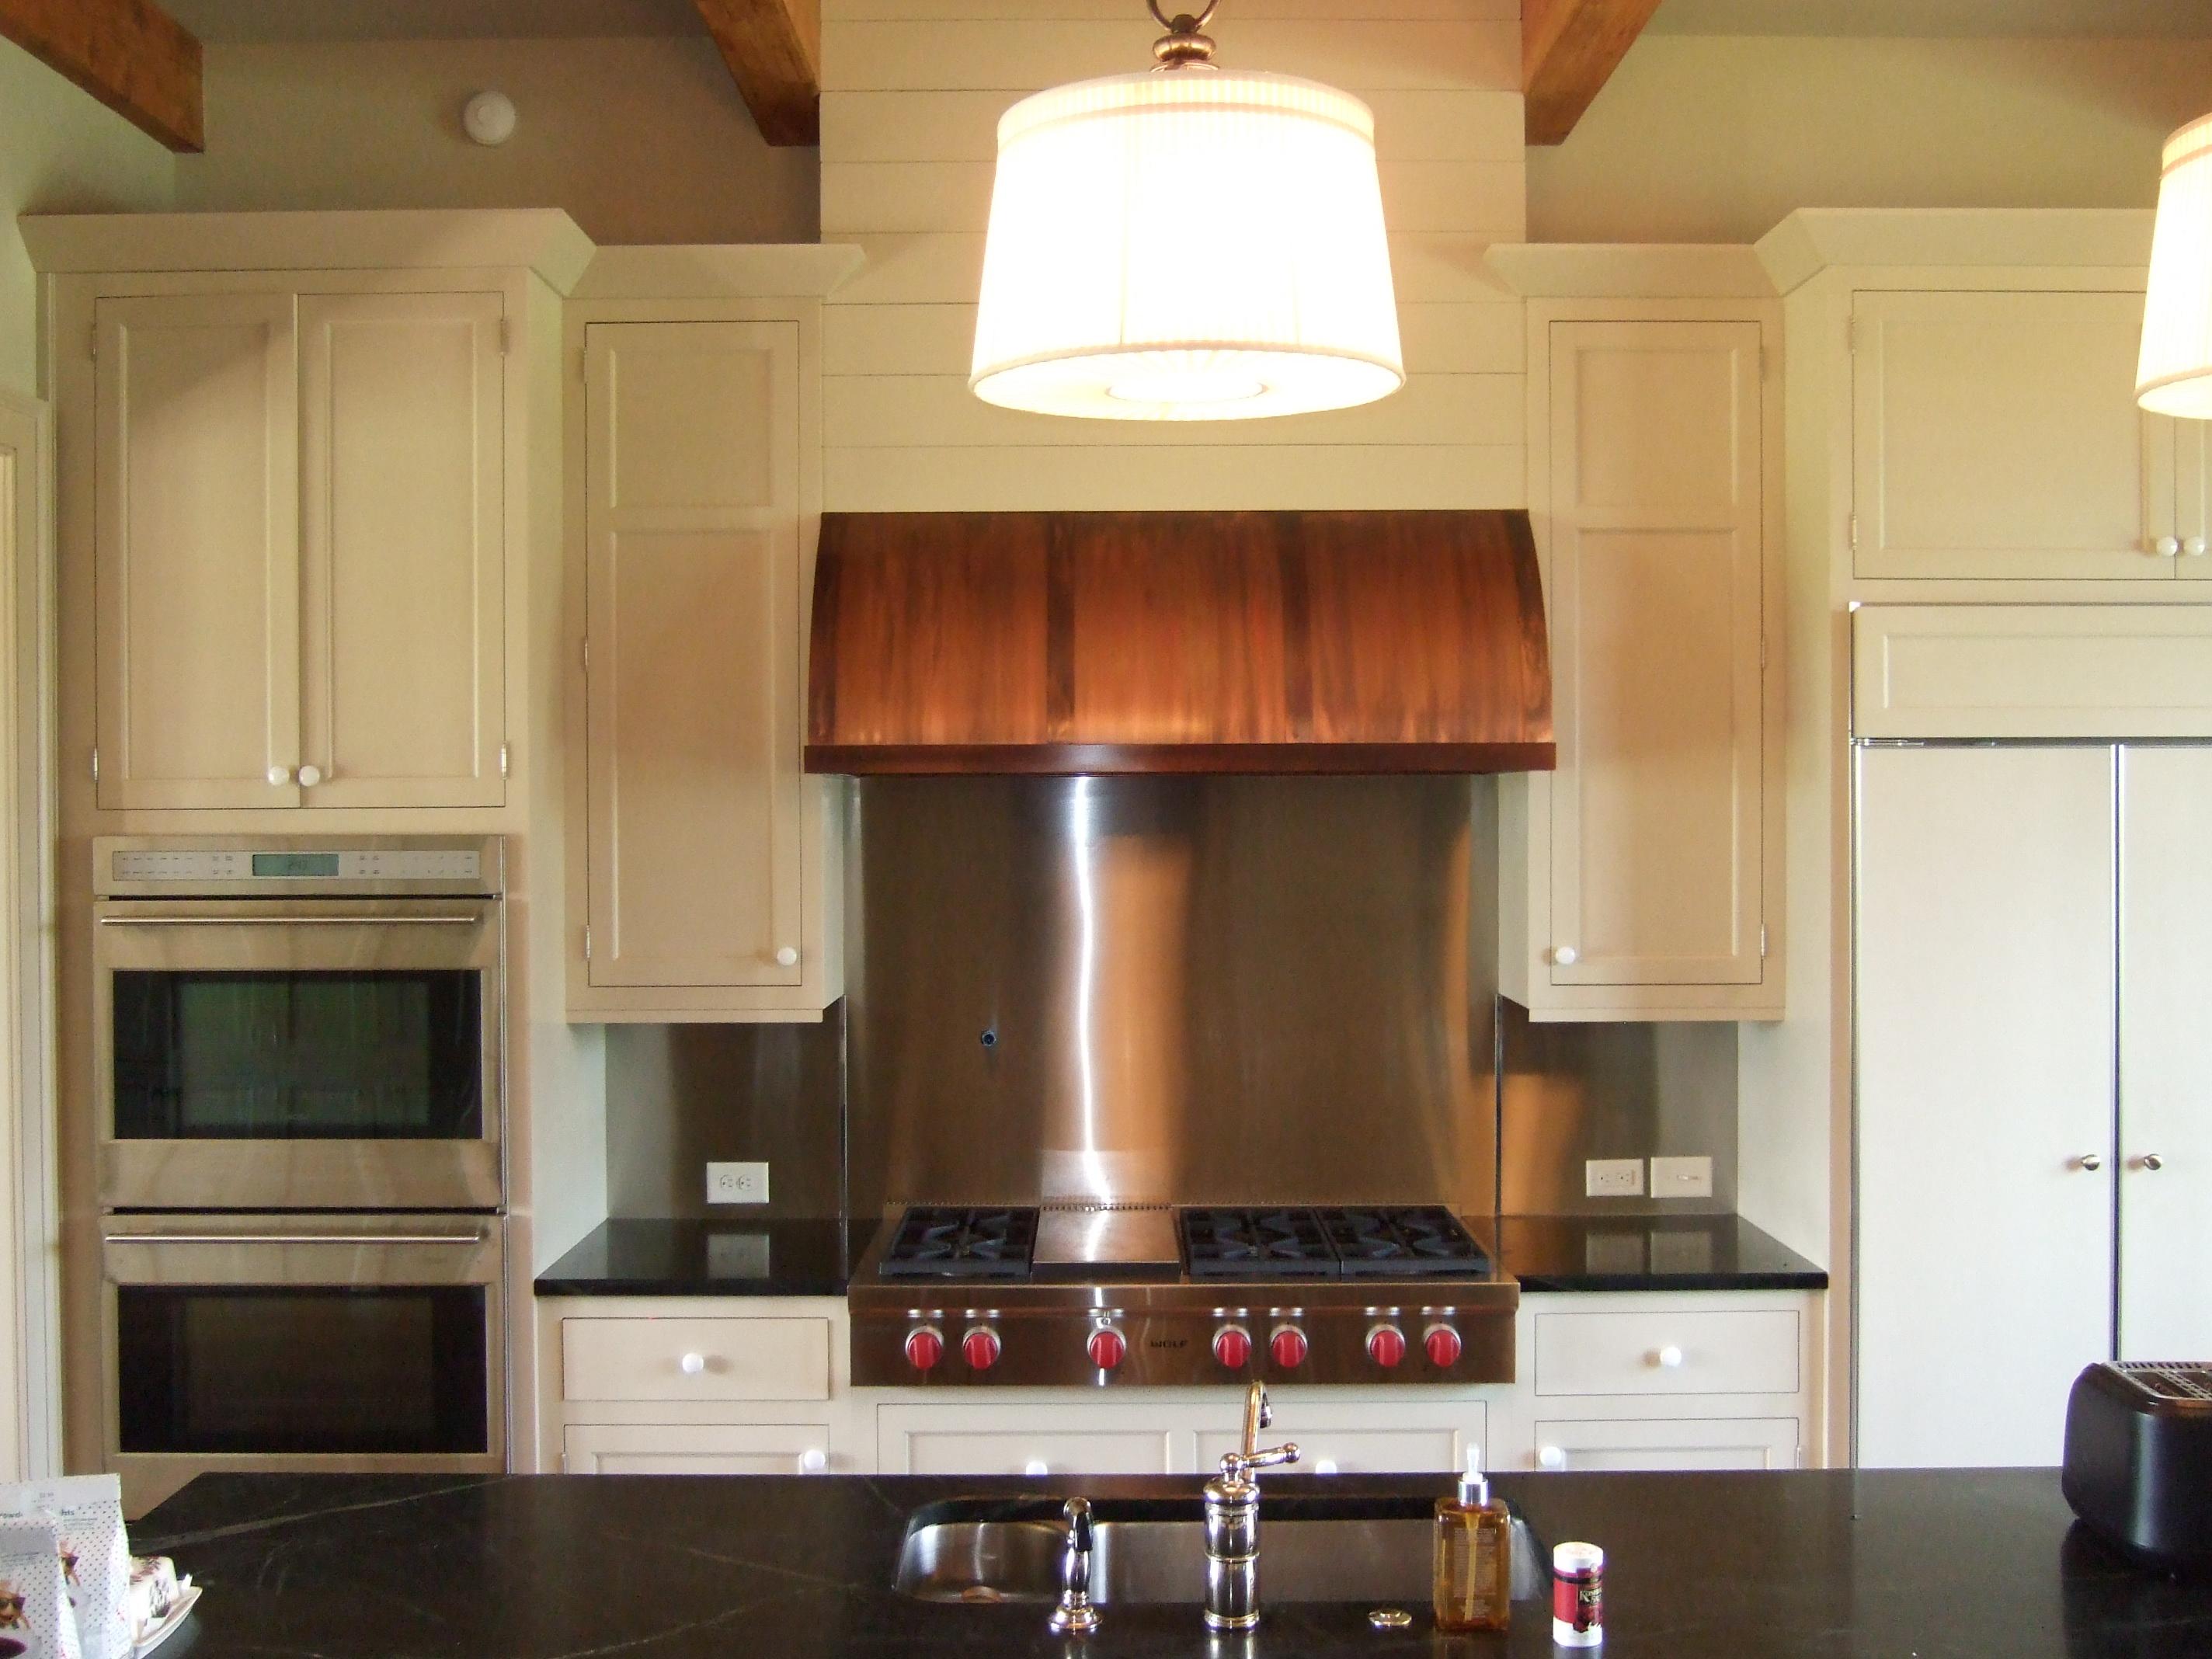 Best Kitchen Gallery: Sheet Metal Vent Hood Dean Routechoice Co of Metal Kitchen Hoods on rachelxblog.com